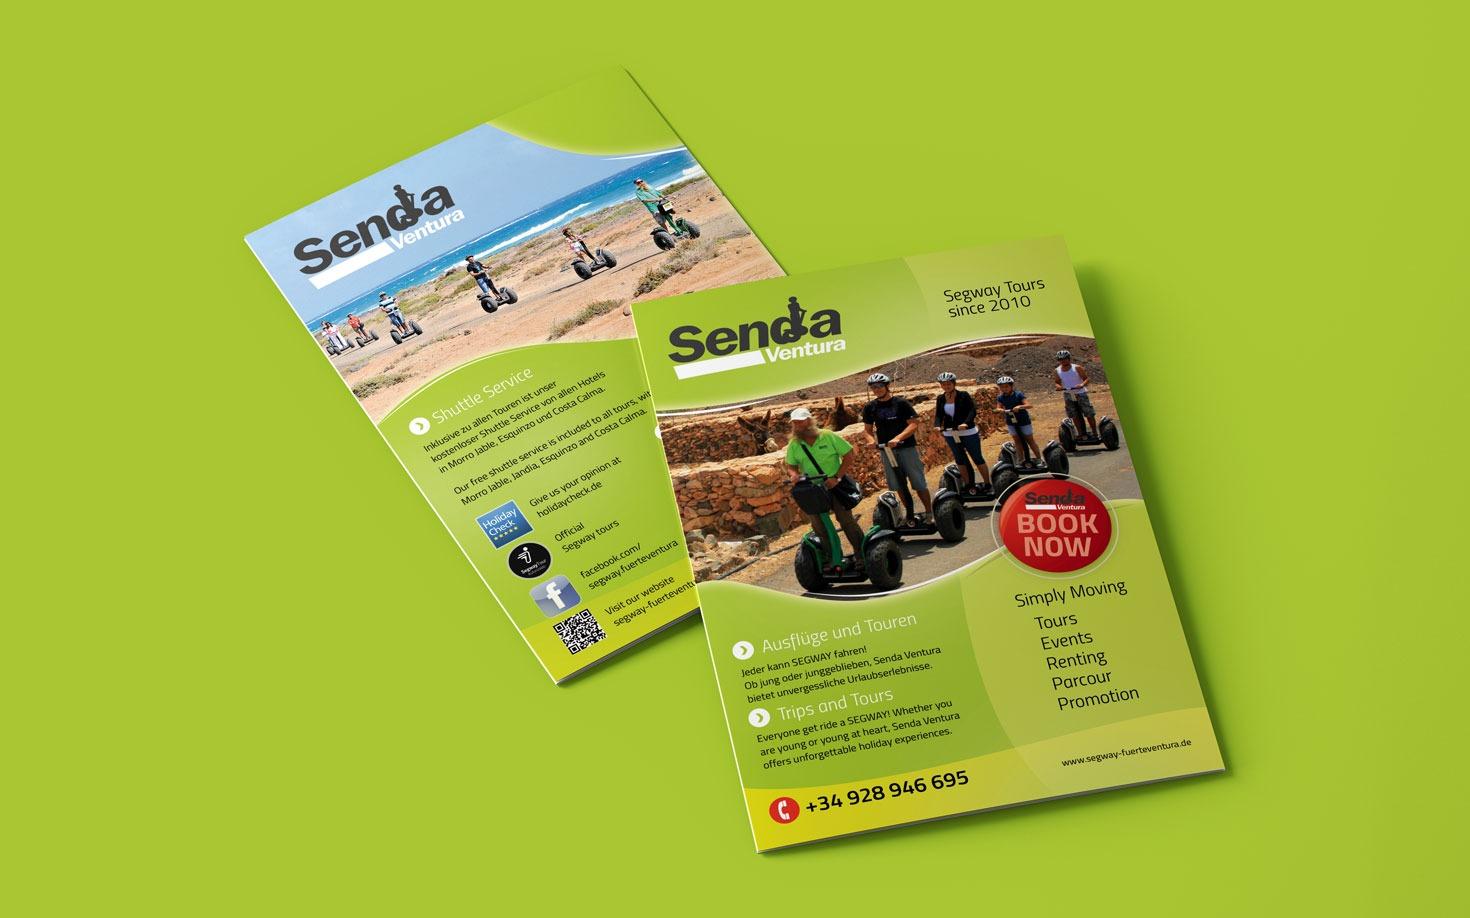 Senda Ventura Segway Fuerteventura - Flyer Design